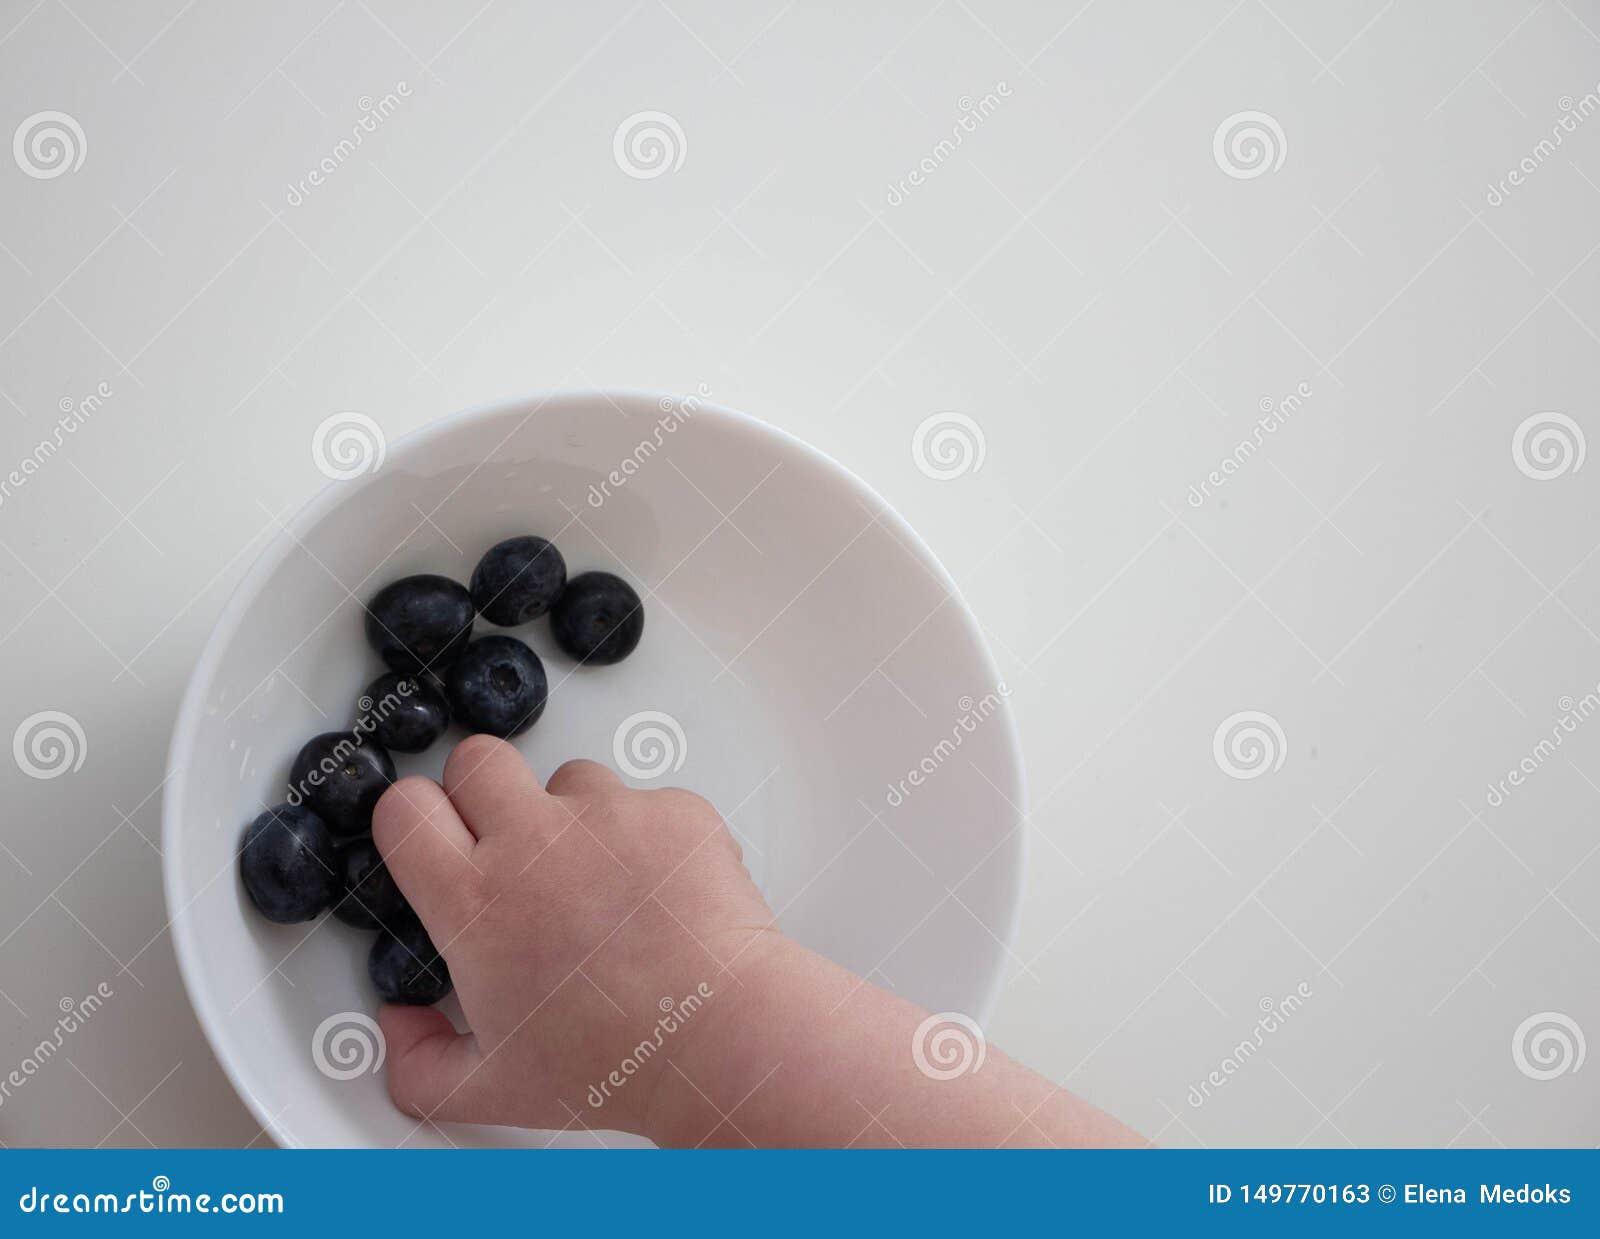 Blåbär i händerna av ett barn barnets hand tar blåbär från en vit bunke på en vit bakgrund